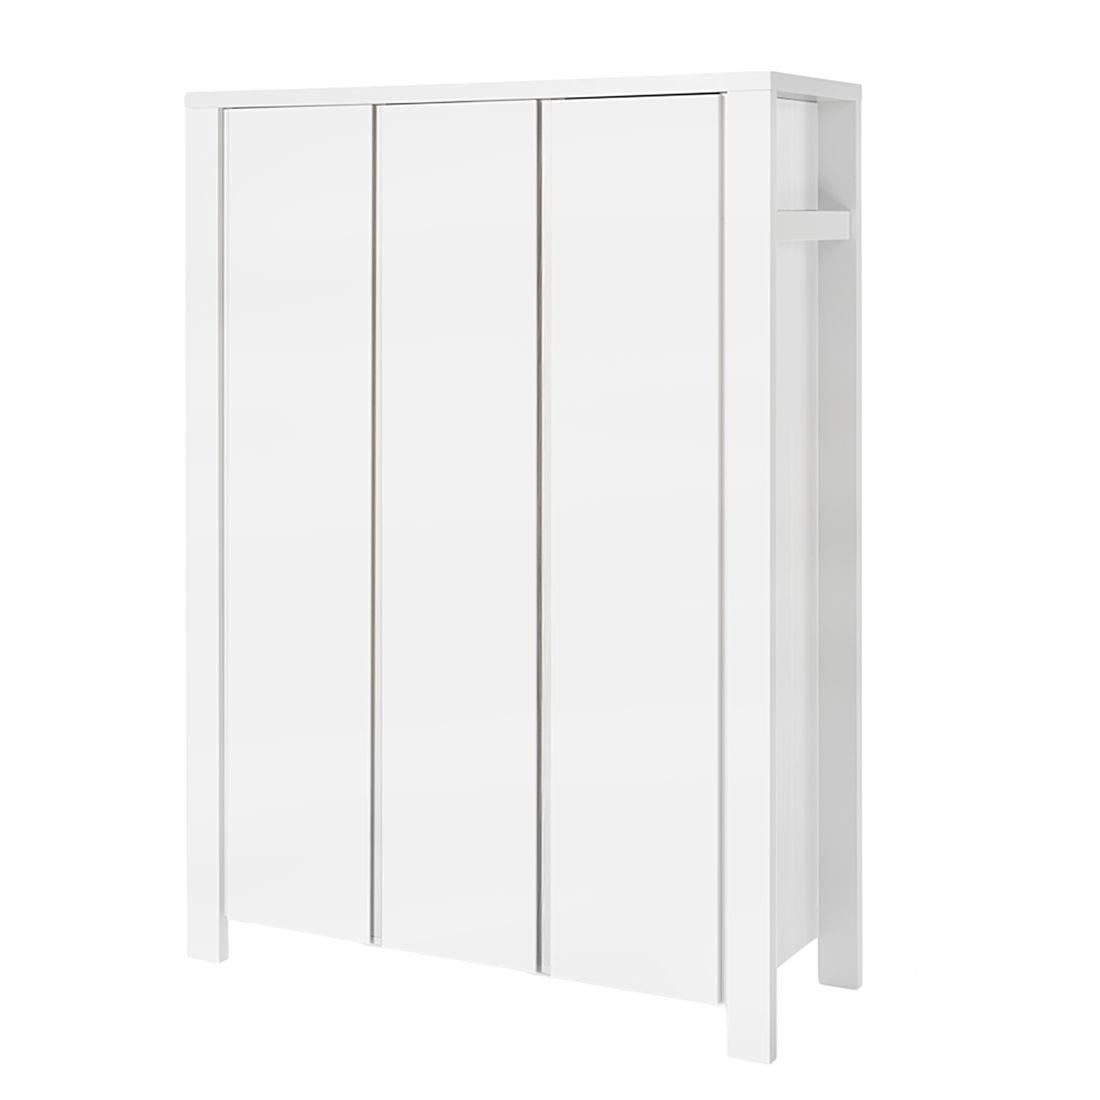 home24 Schardt Kleiderschrank Milano Weiß 140x195x55 cm (BxHxT) 3-türig Melamin Dekor Modern